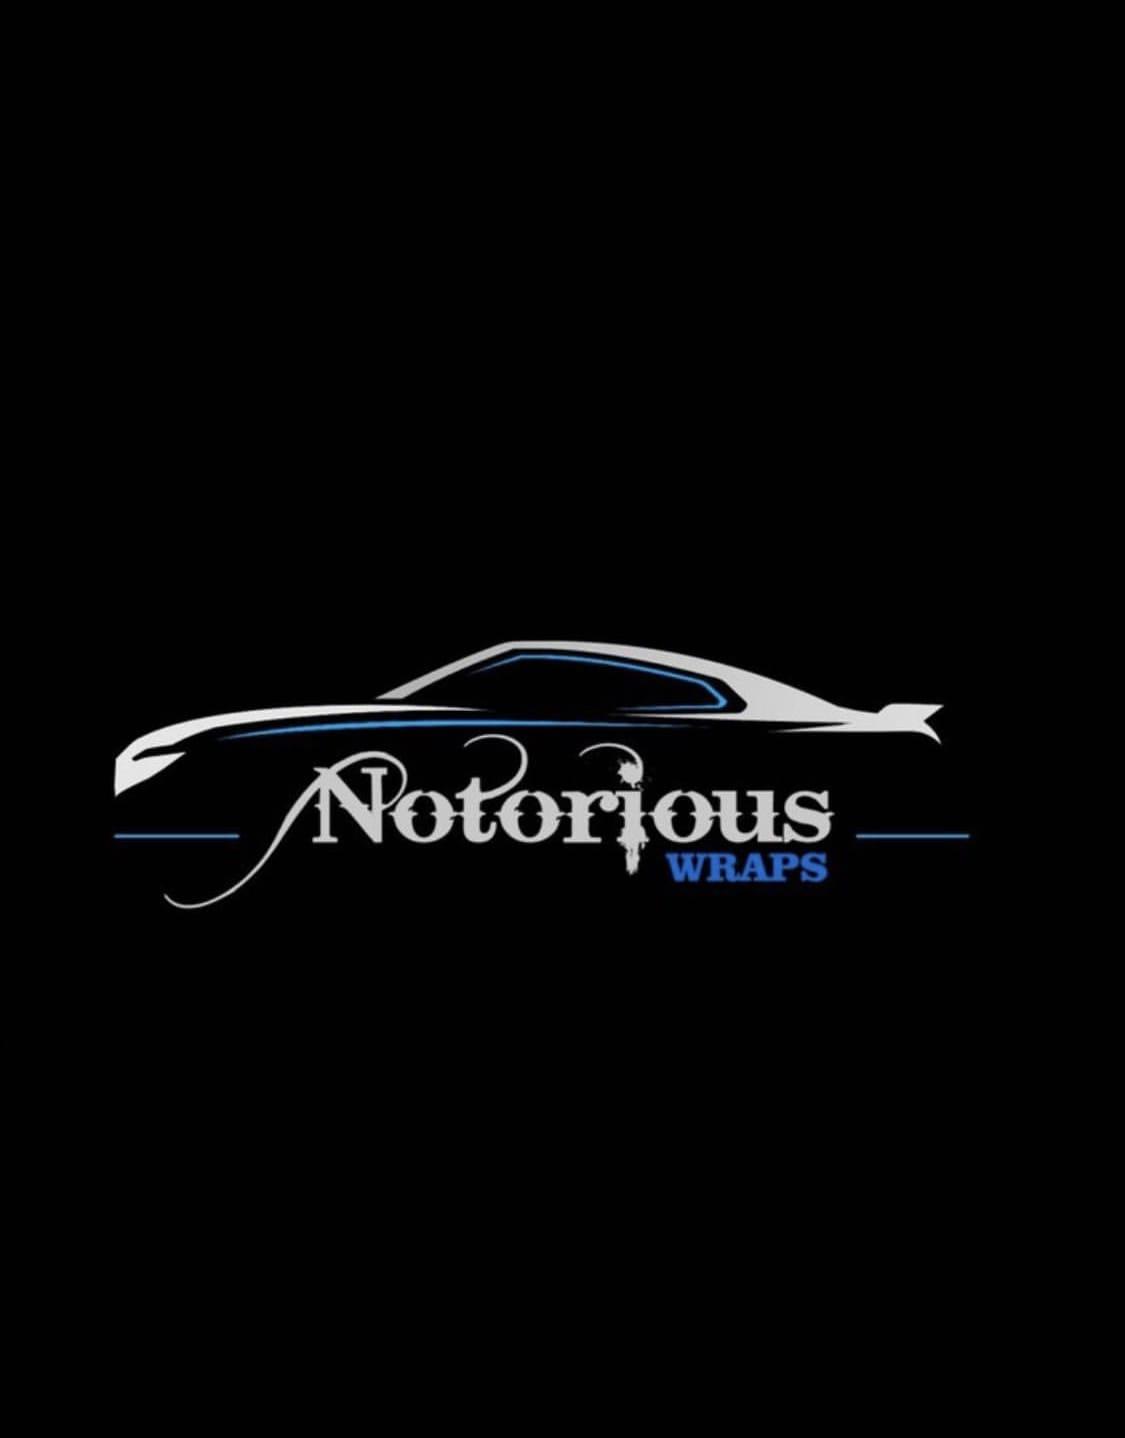 Notorious Wraps